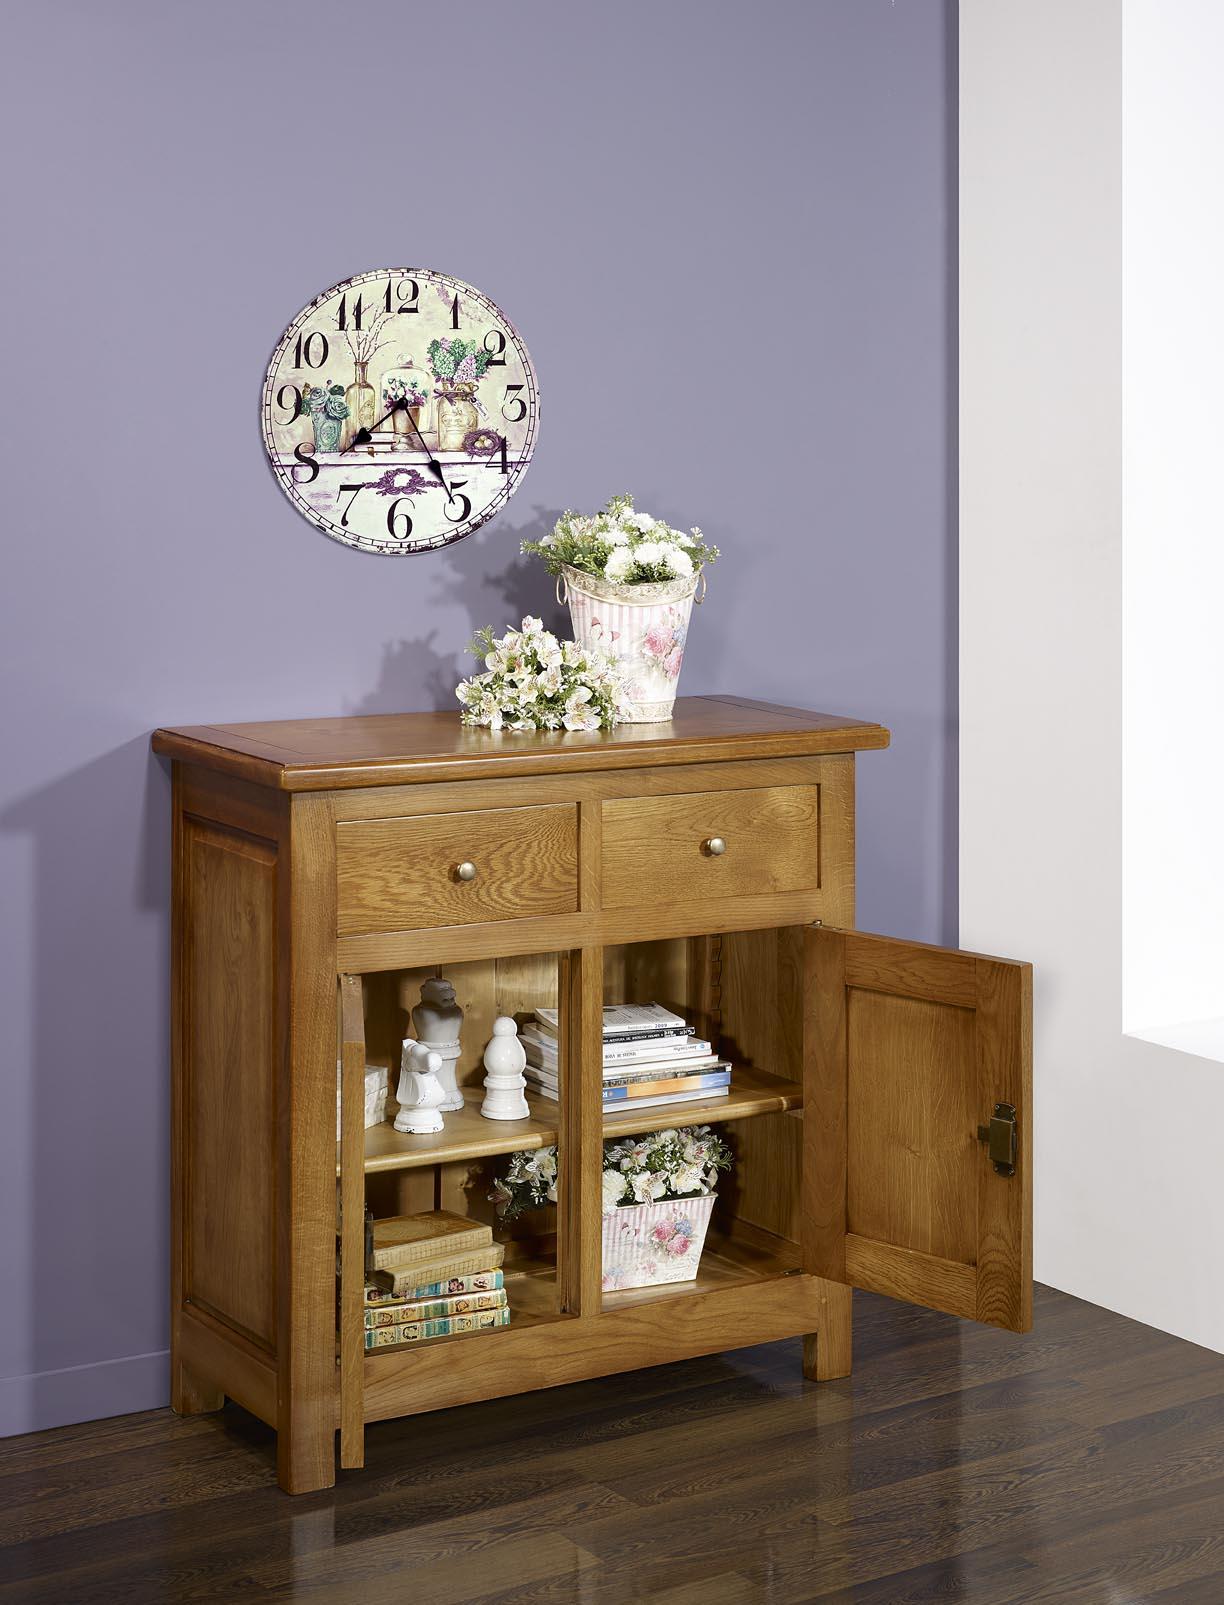 Petit buffet 2 portes 2 tiroirs en ch ne massif de style for Meuble audio en bois massif